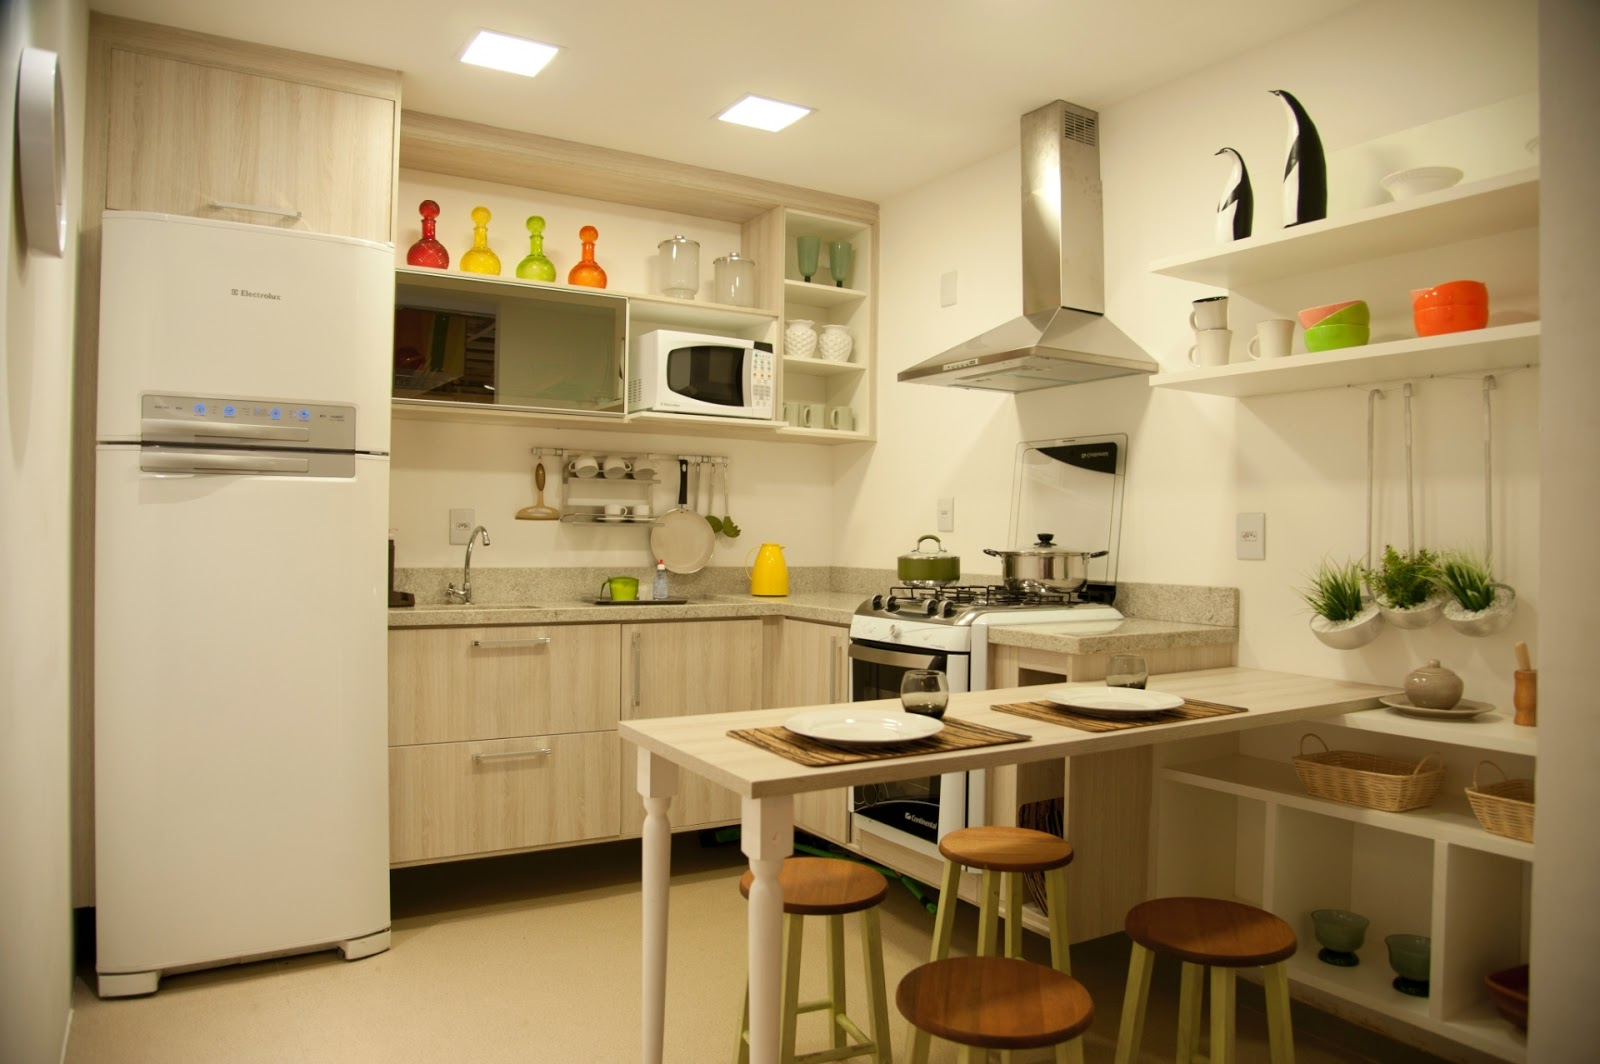 #C1370A DICAS de como usar Balcões na sua Cozinha Americana Amando  1600x1064 px Decoração Cozinha Idéias_938 Imagens